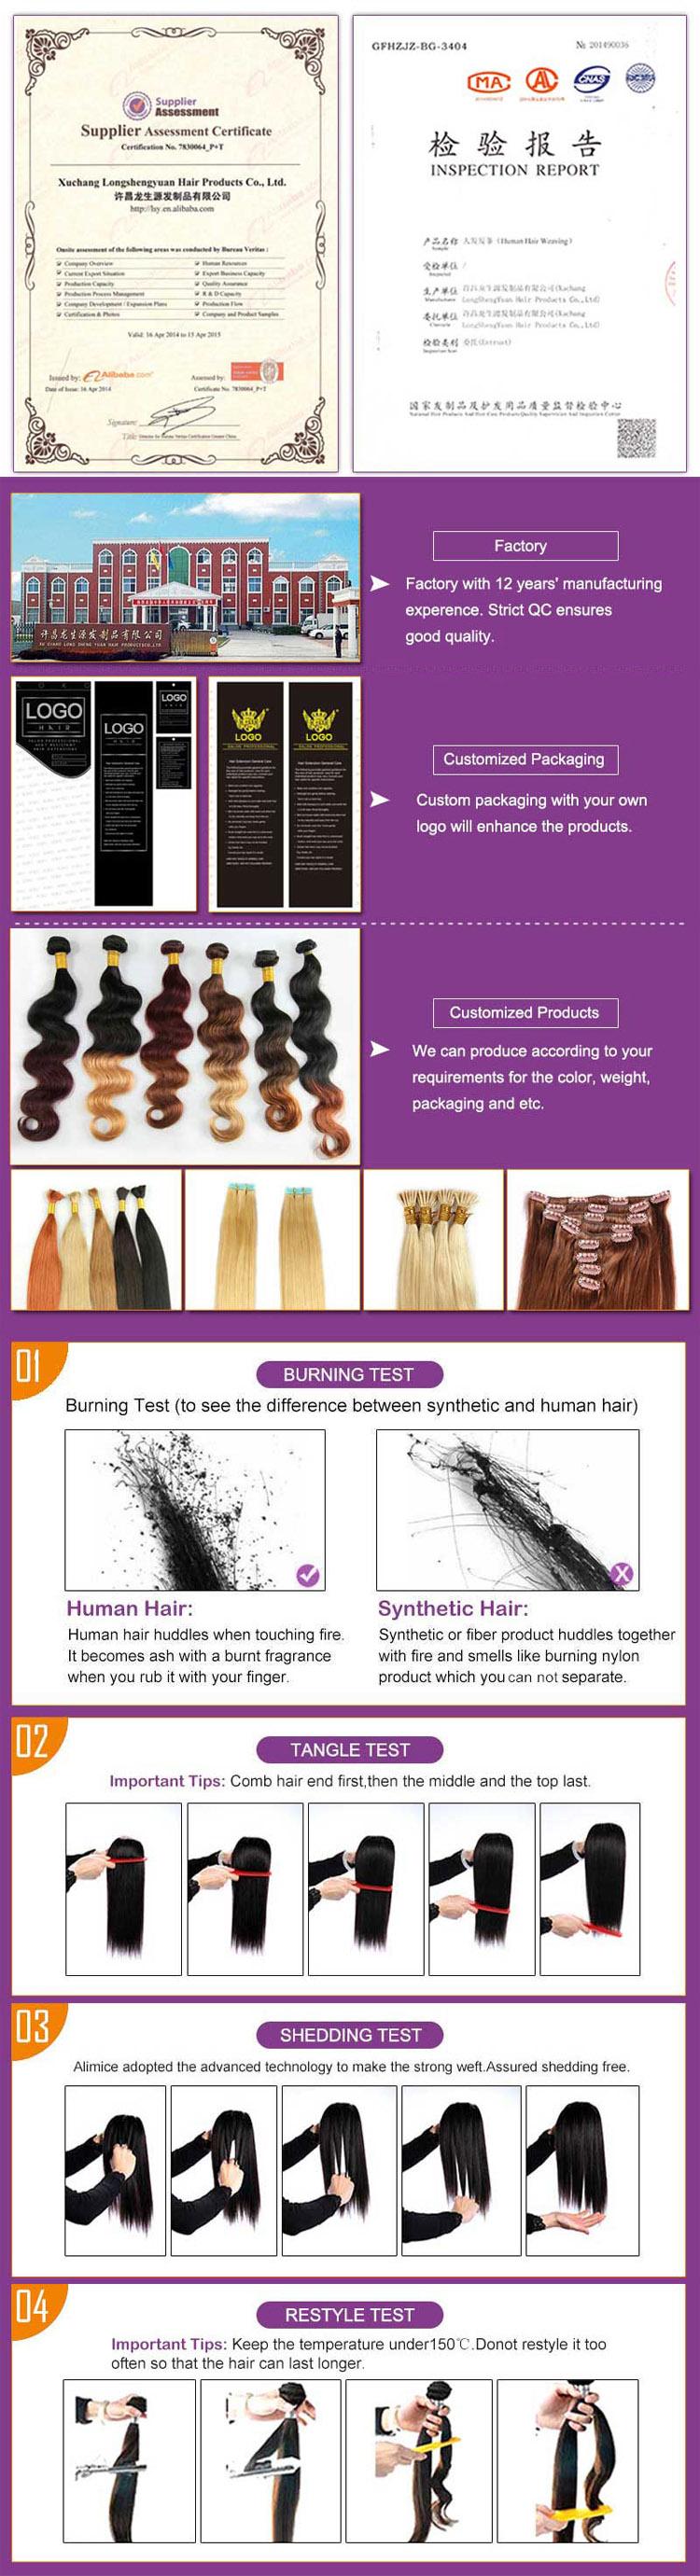 Hair Inspection&Test.jpg